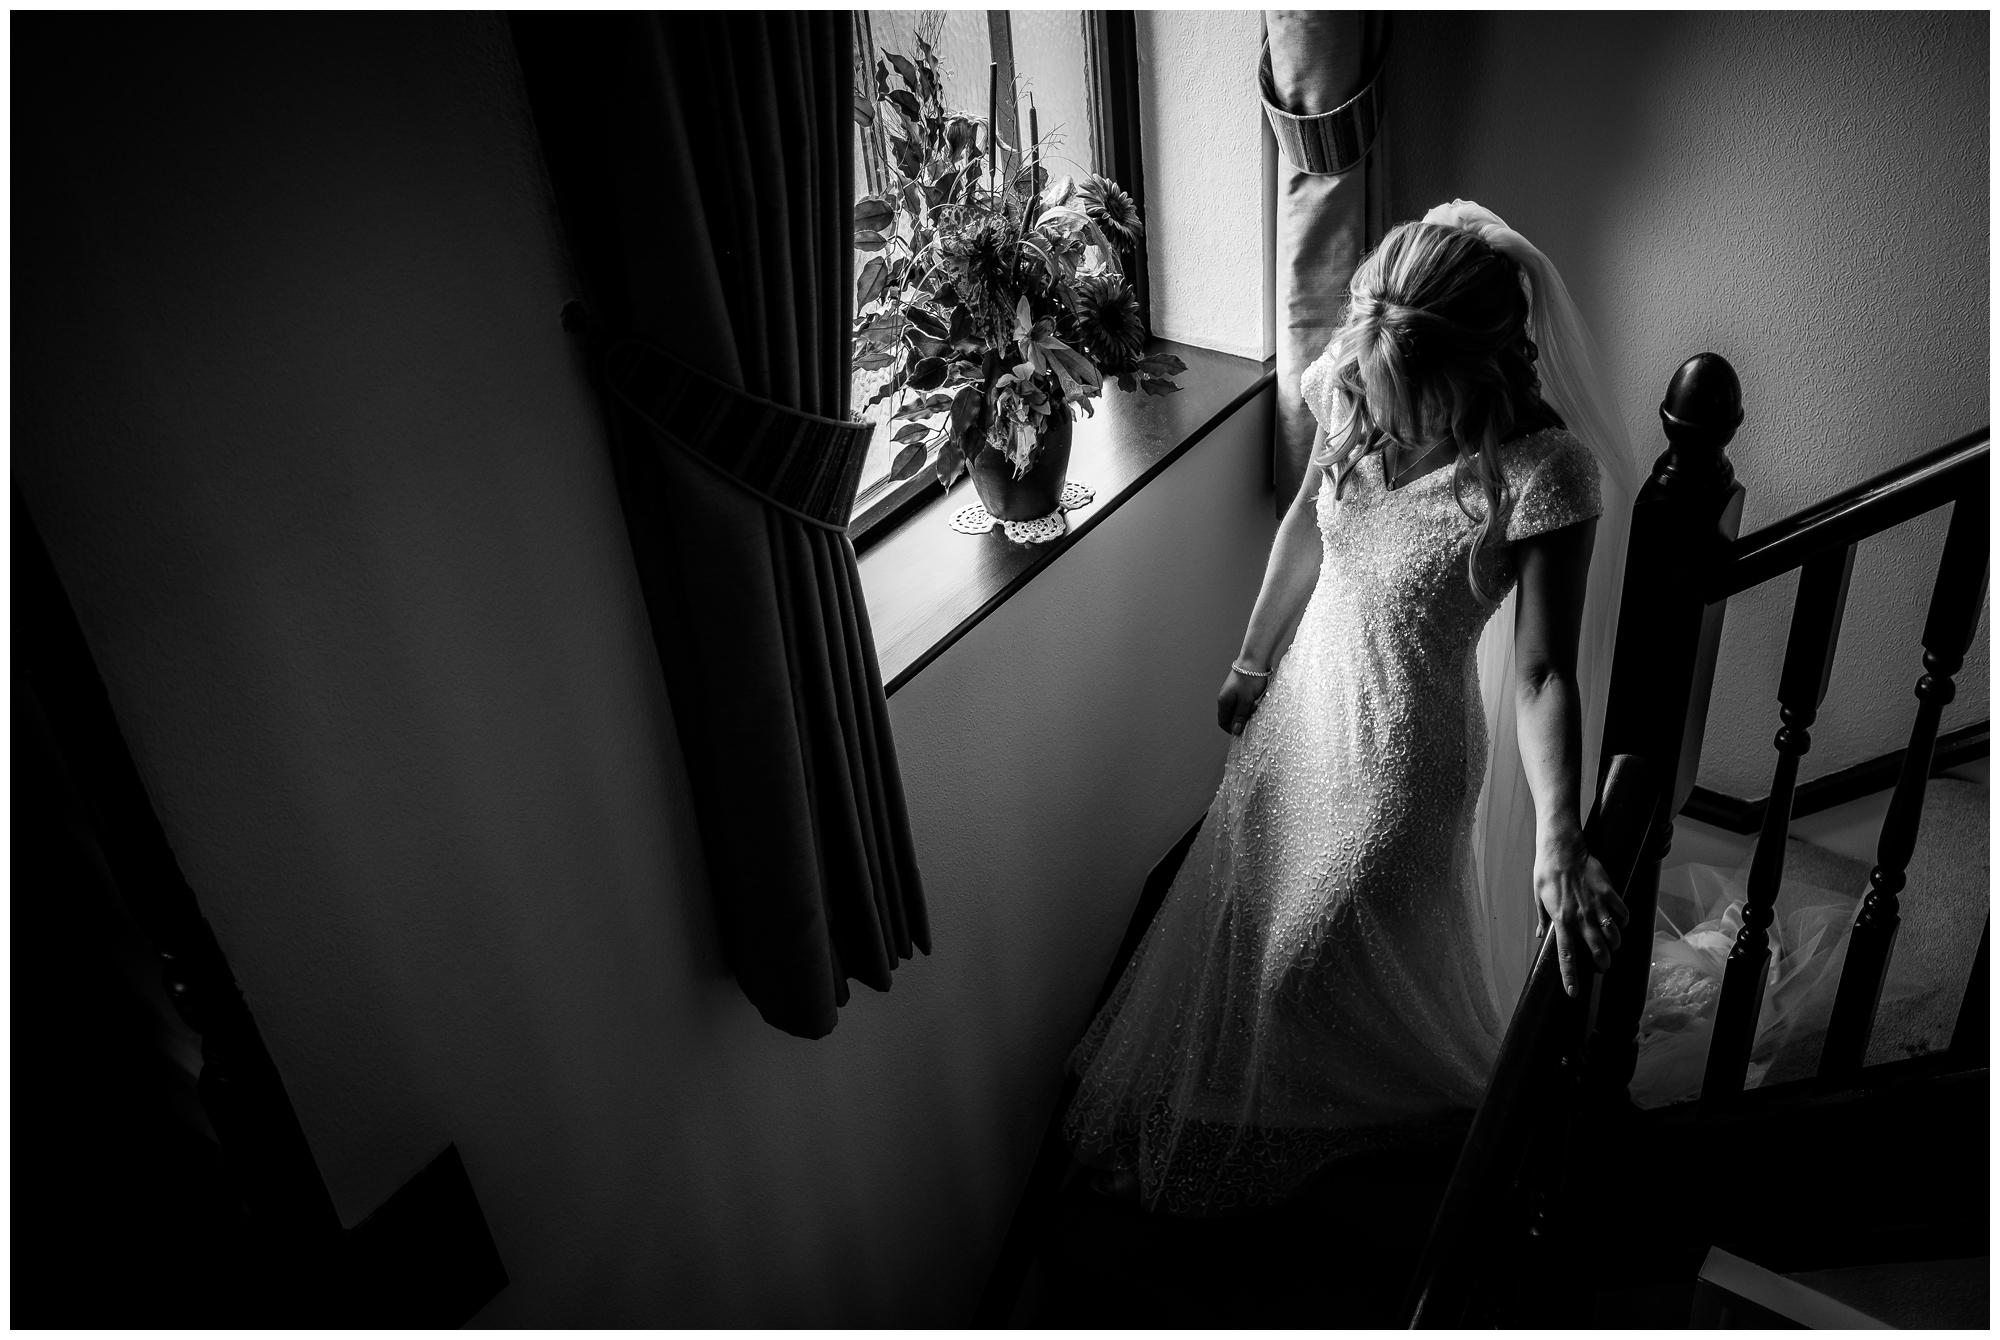 bride in dress walking down stairs